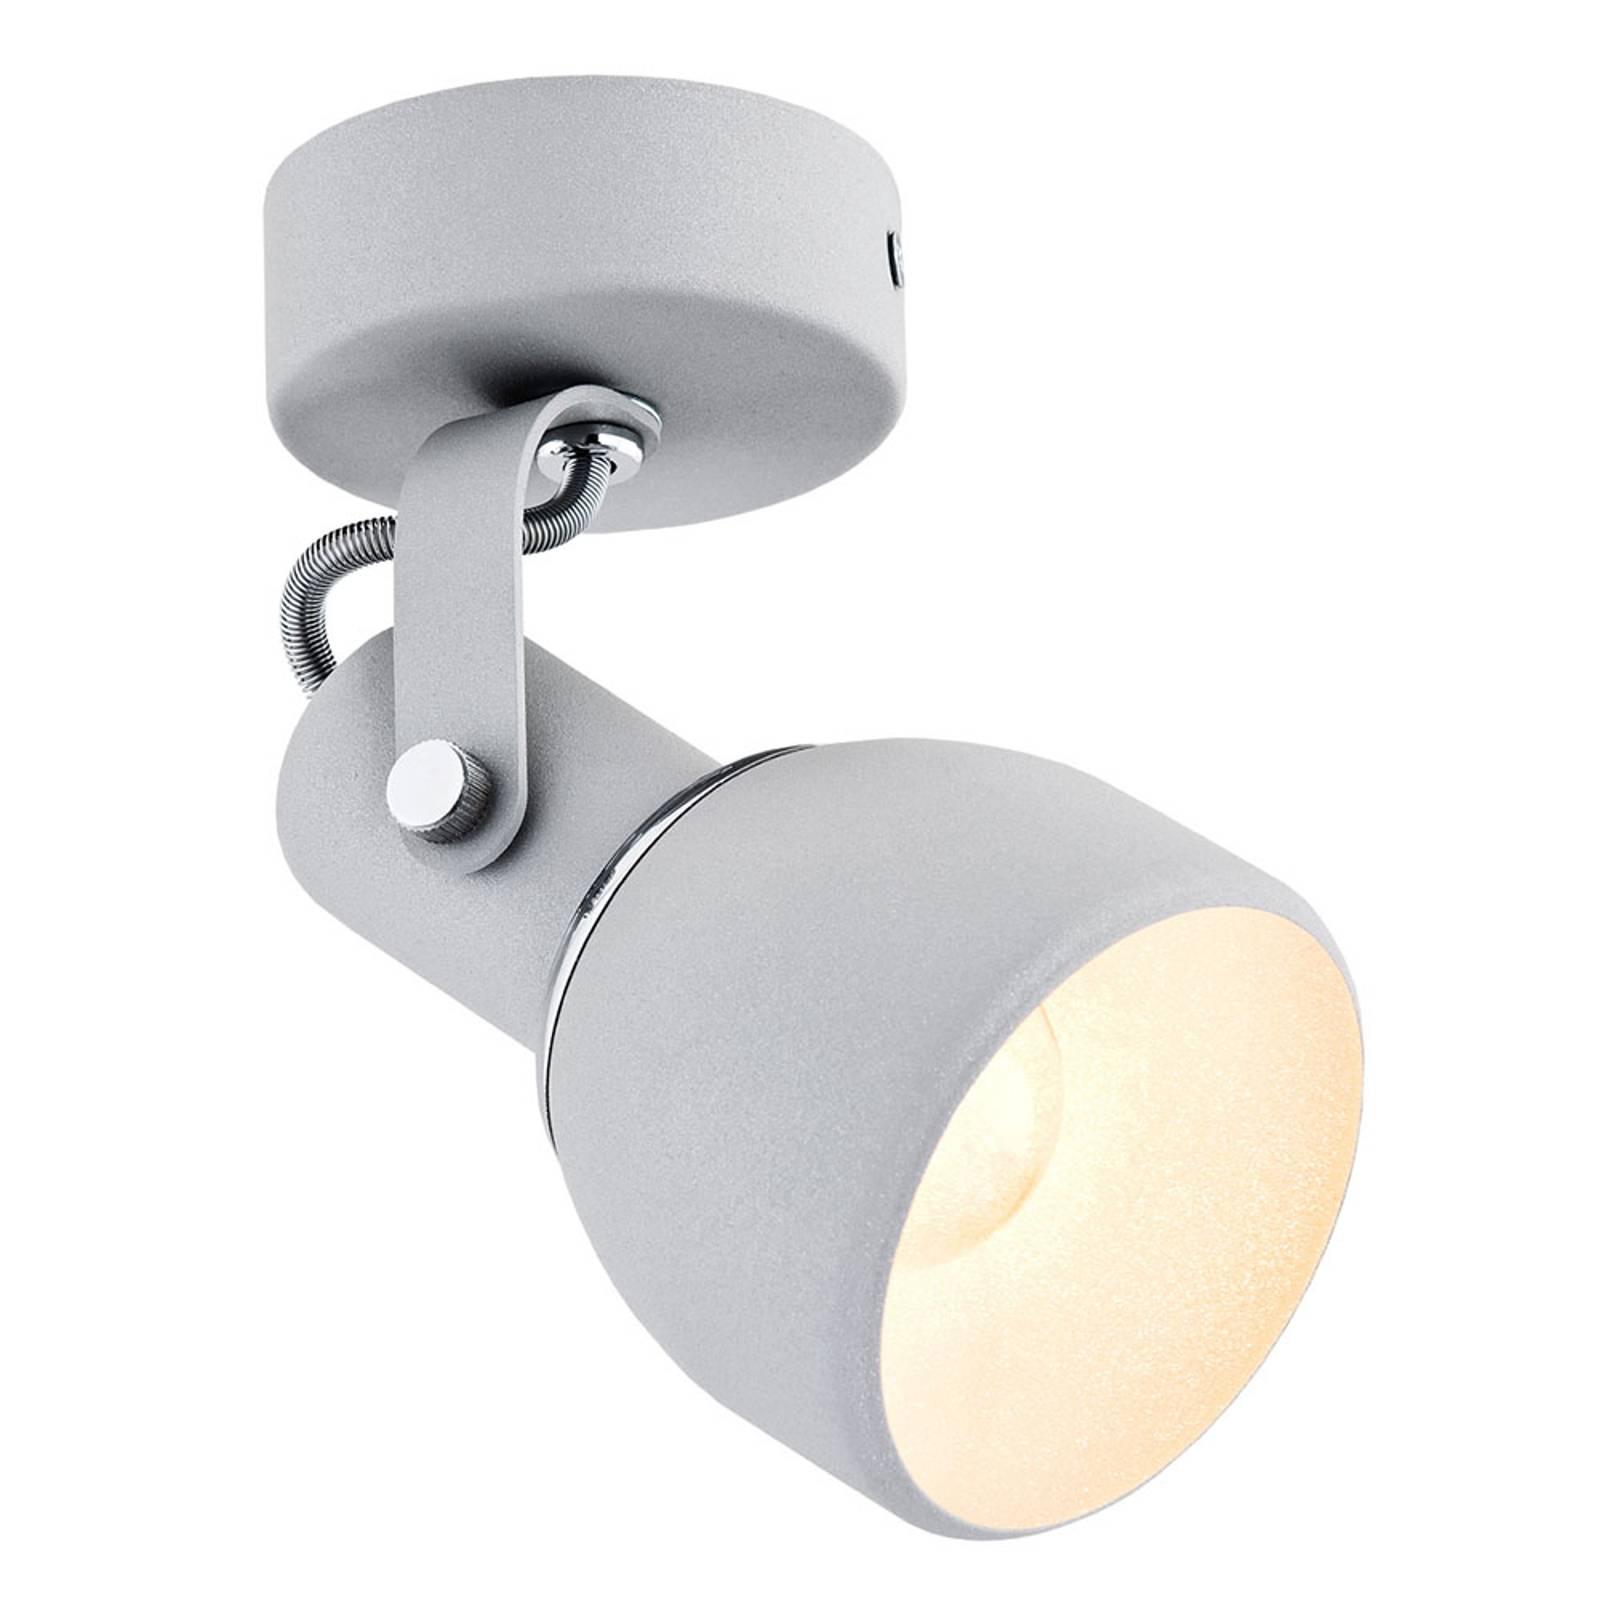 Faretto a soffitto Fiord, 1 luce, argento